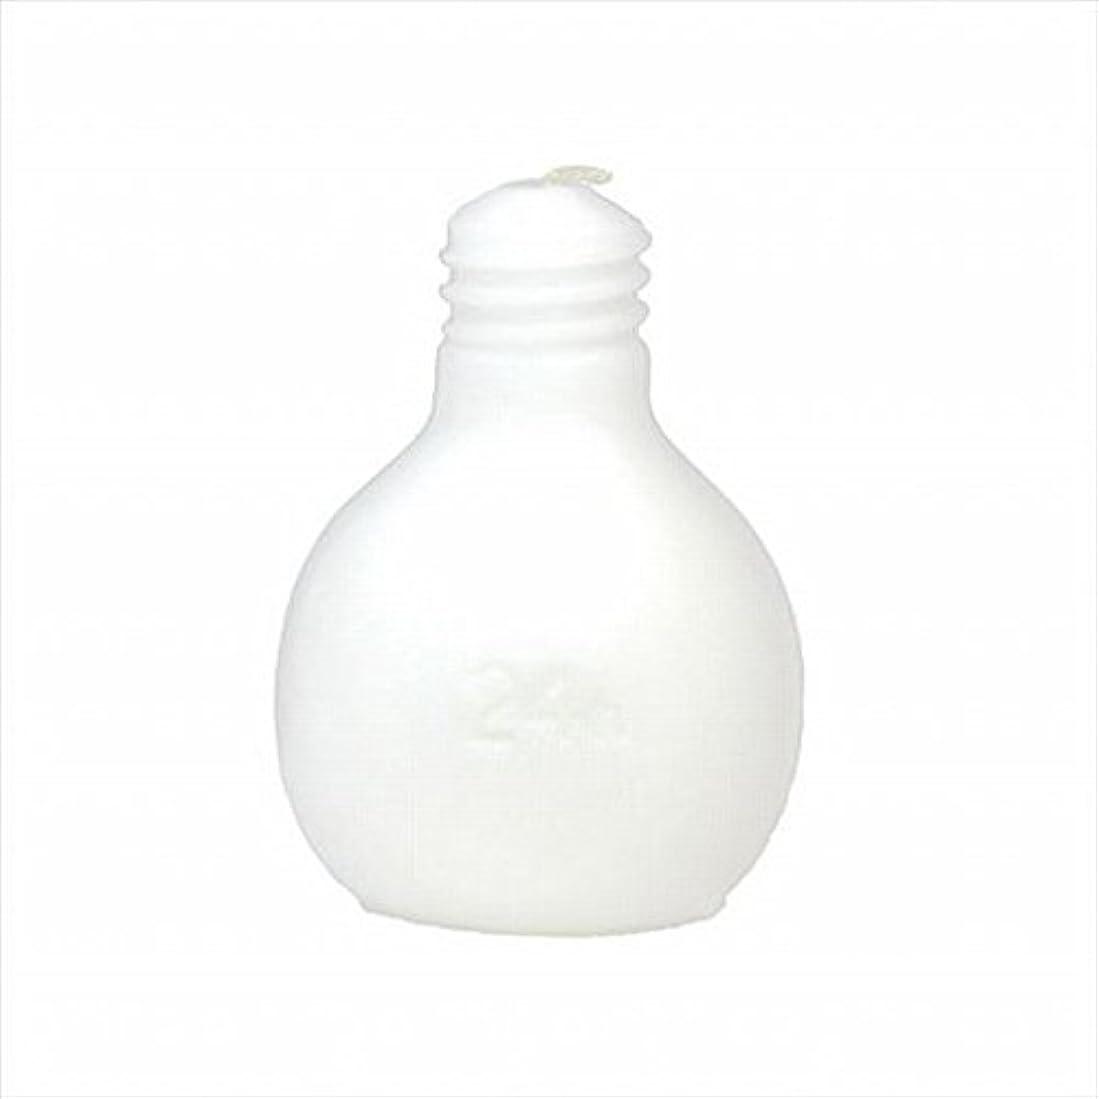 ヒューム認識レンチkameyama candle(カメヤマキャンドル) 節電球キャンドル 「 ホワイト 」 キャンドル 75x75x98mm (A4220000W)